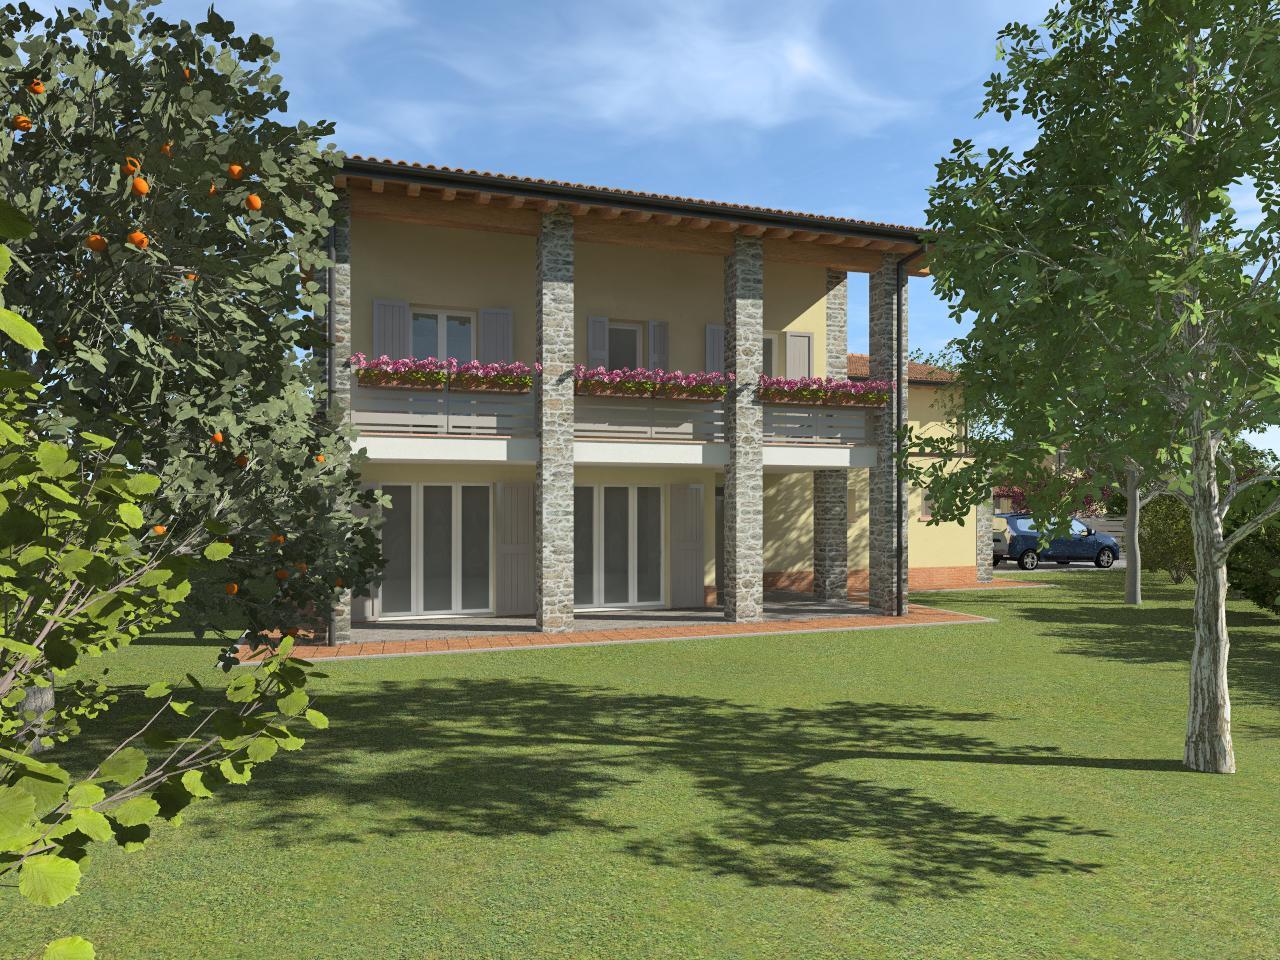 Ville di strada Bassina – Montecchio Emilia (RE)